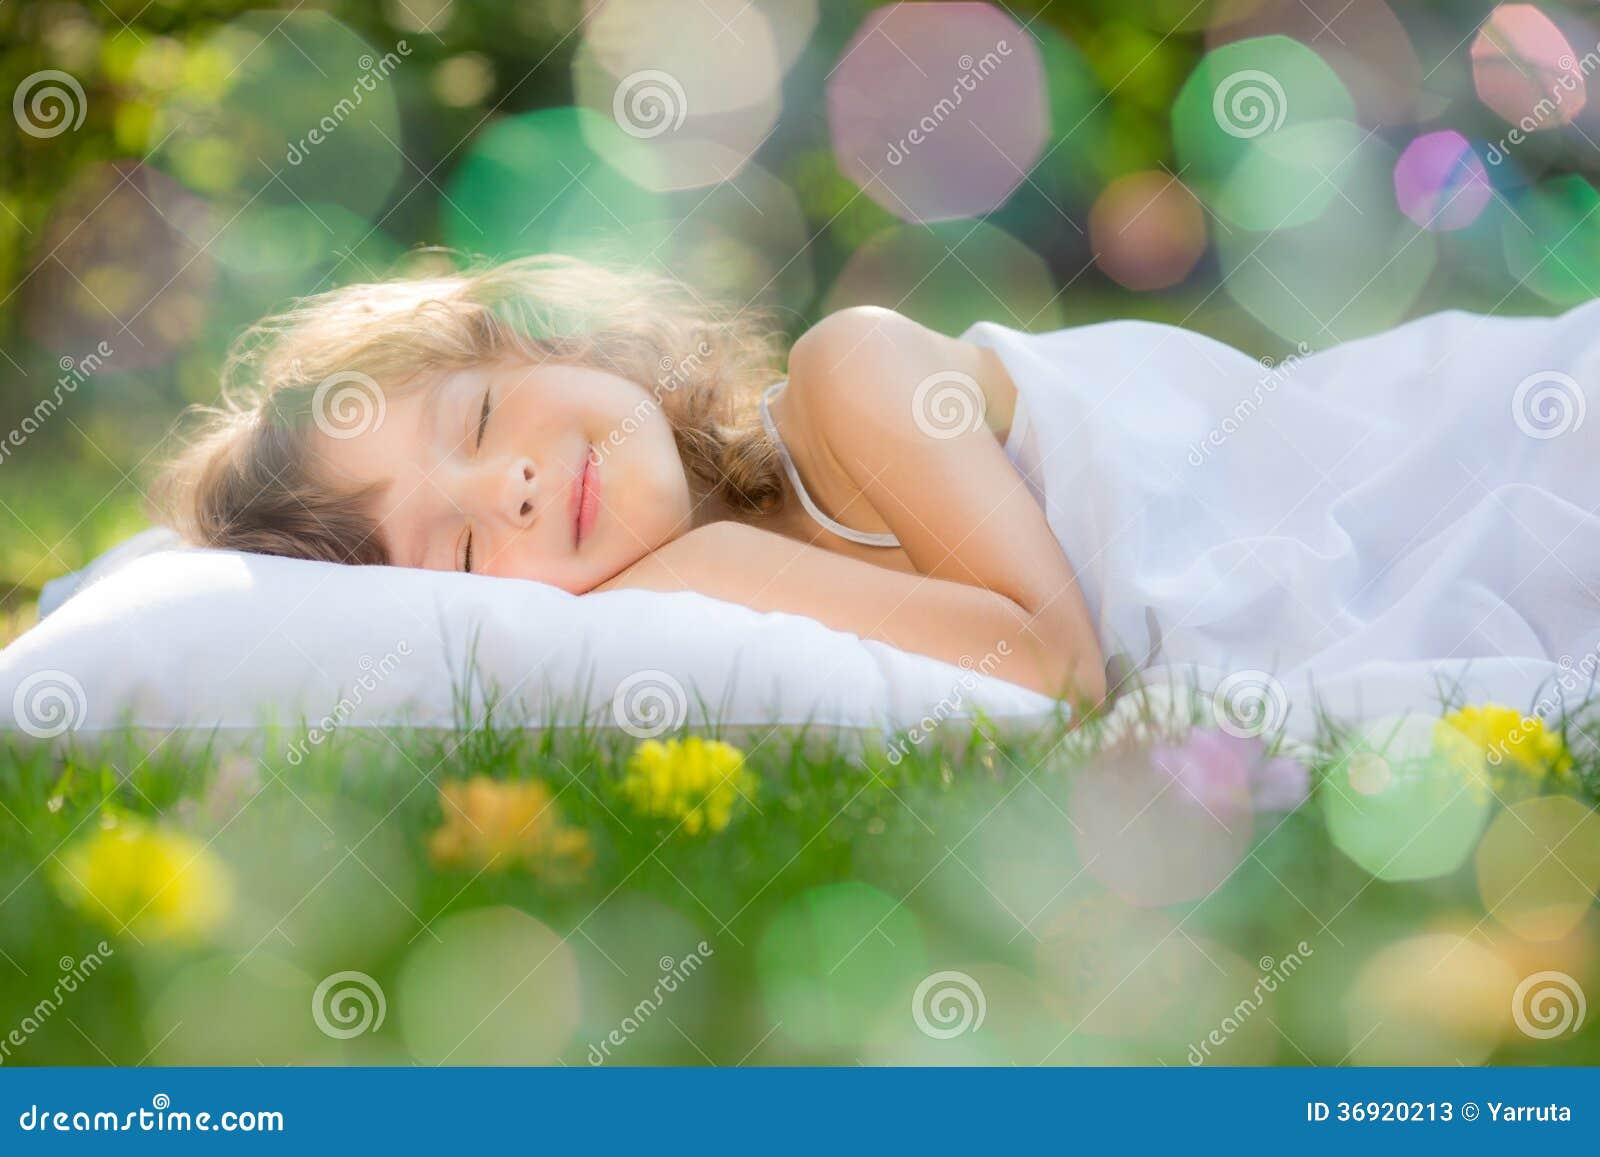 Ο ύπνος παιδιών καλλιεργεί την άνοιξη